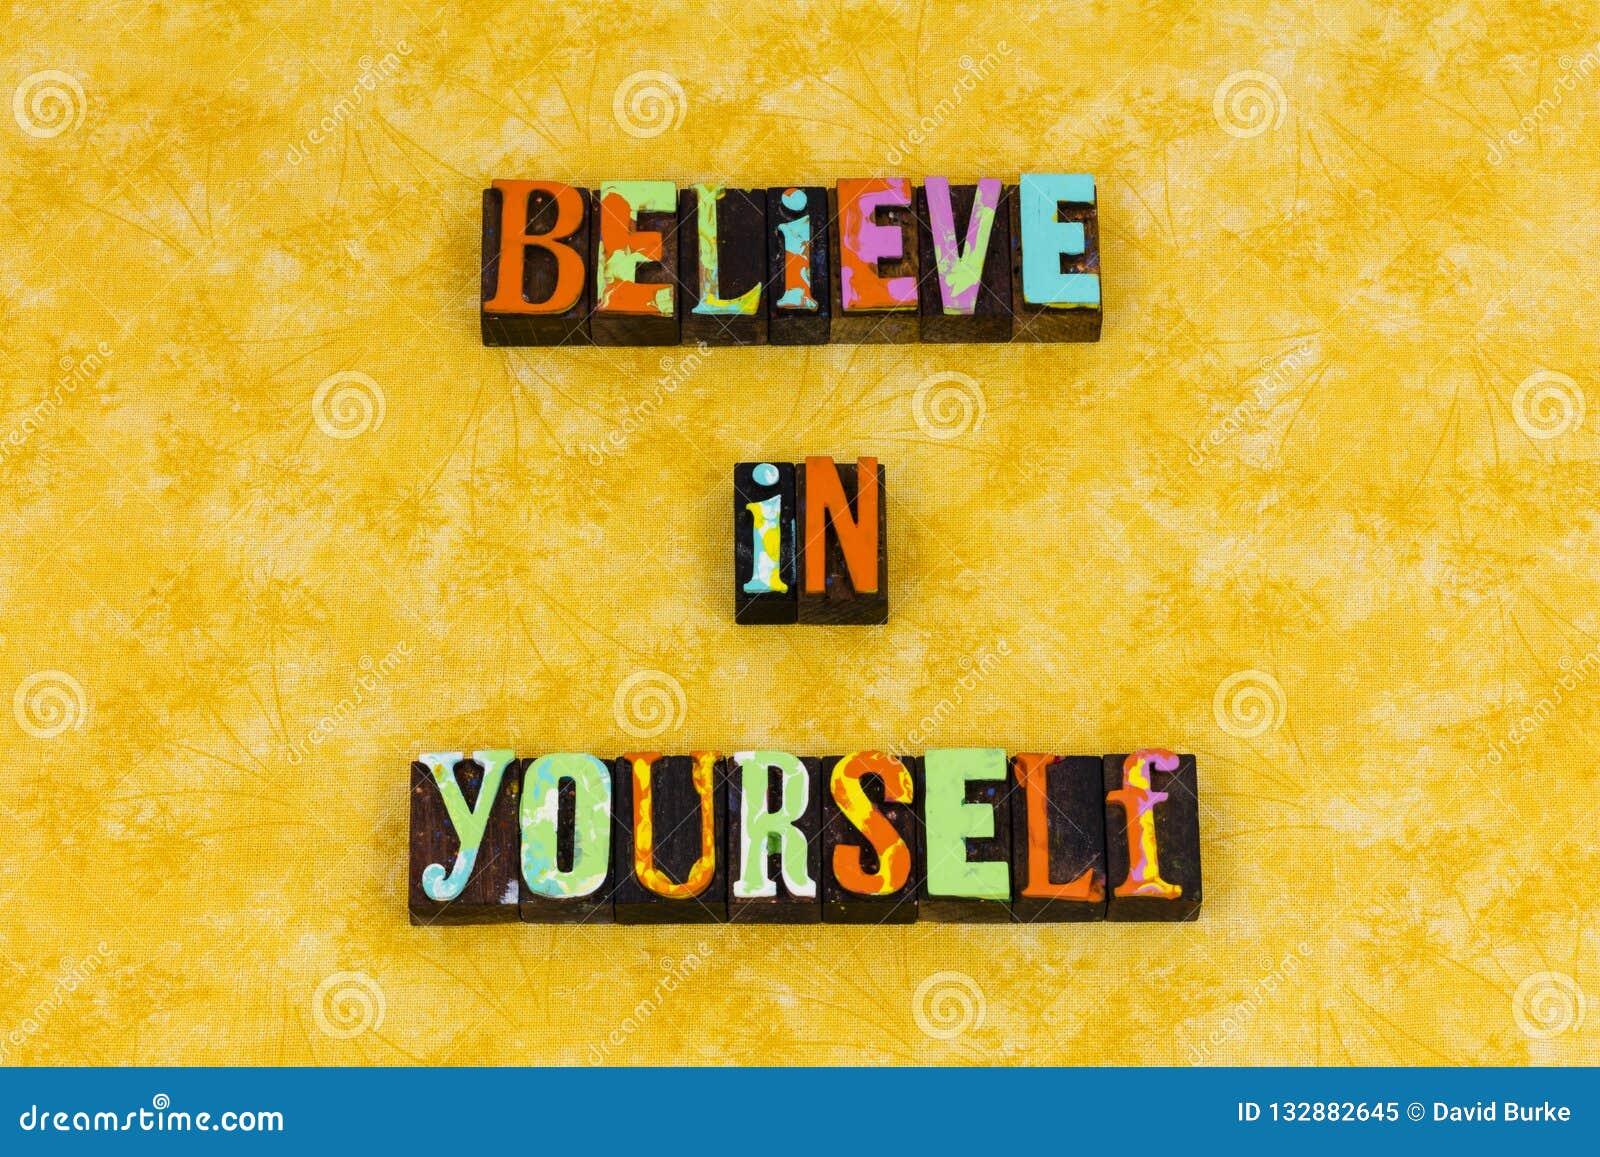 Believe yourself confidence positive attitude